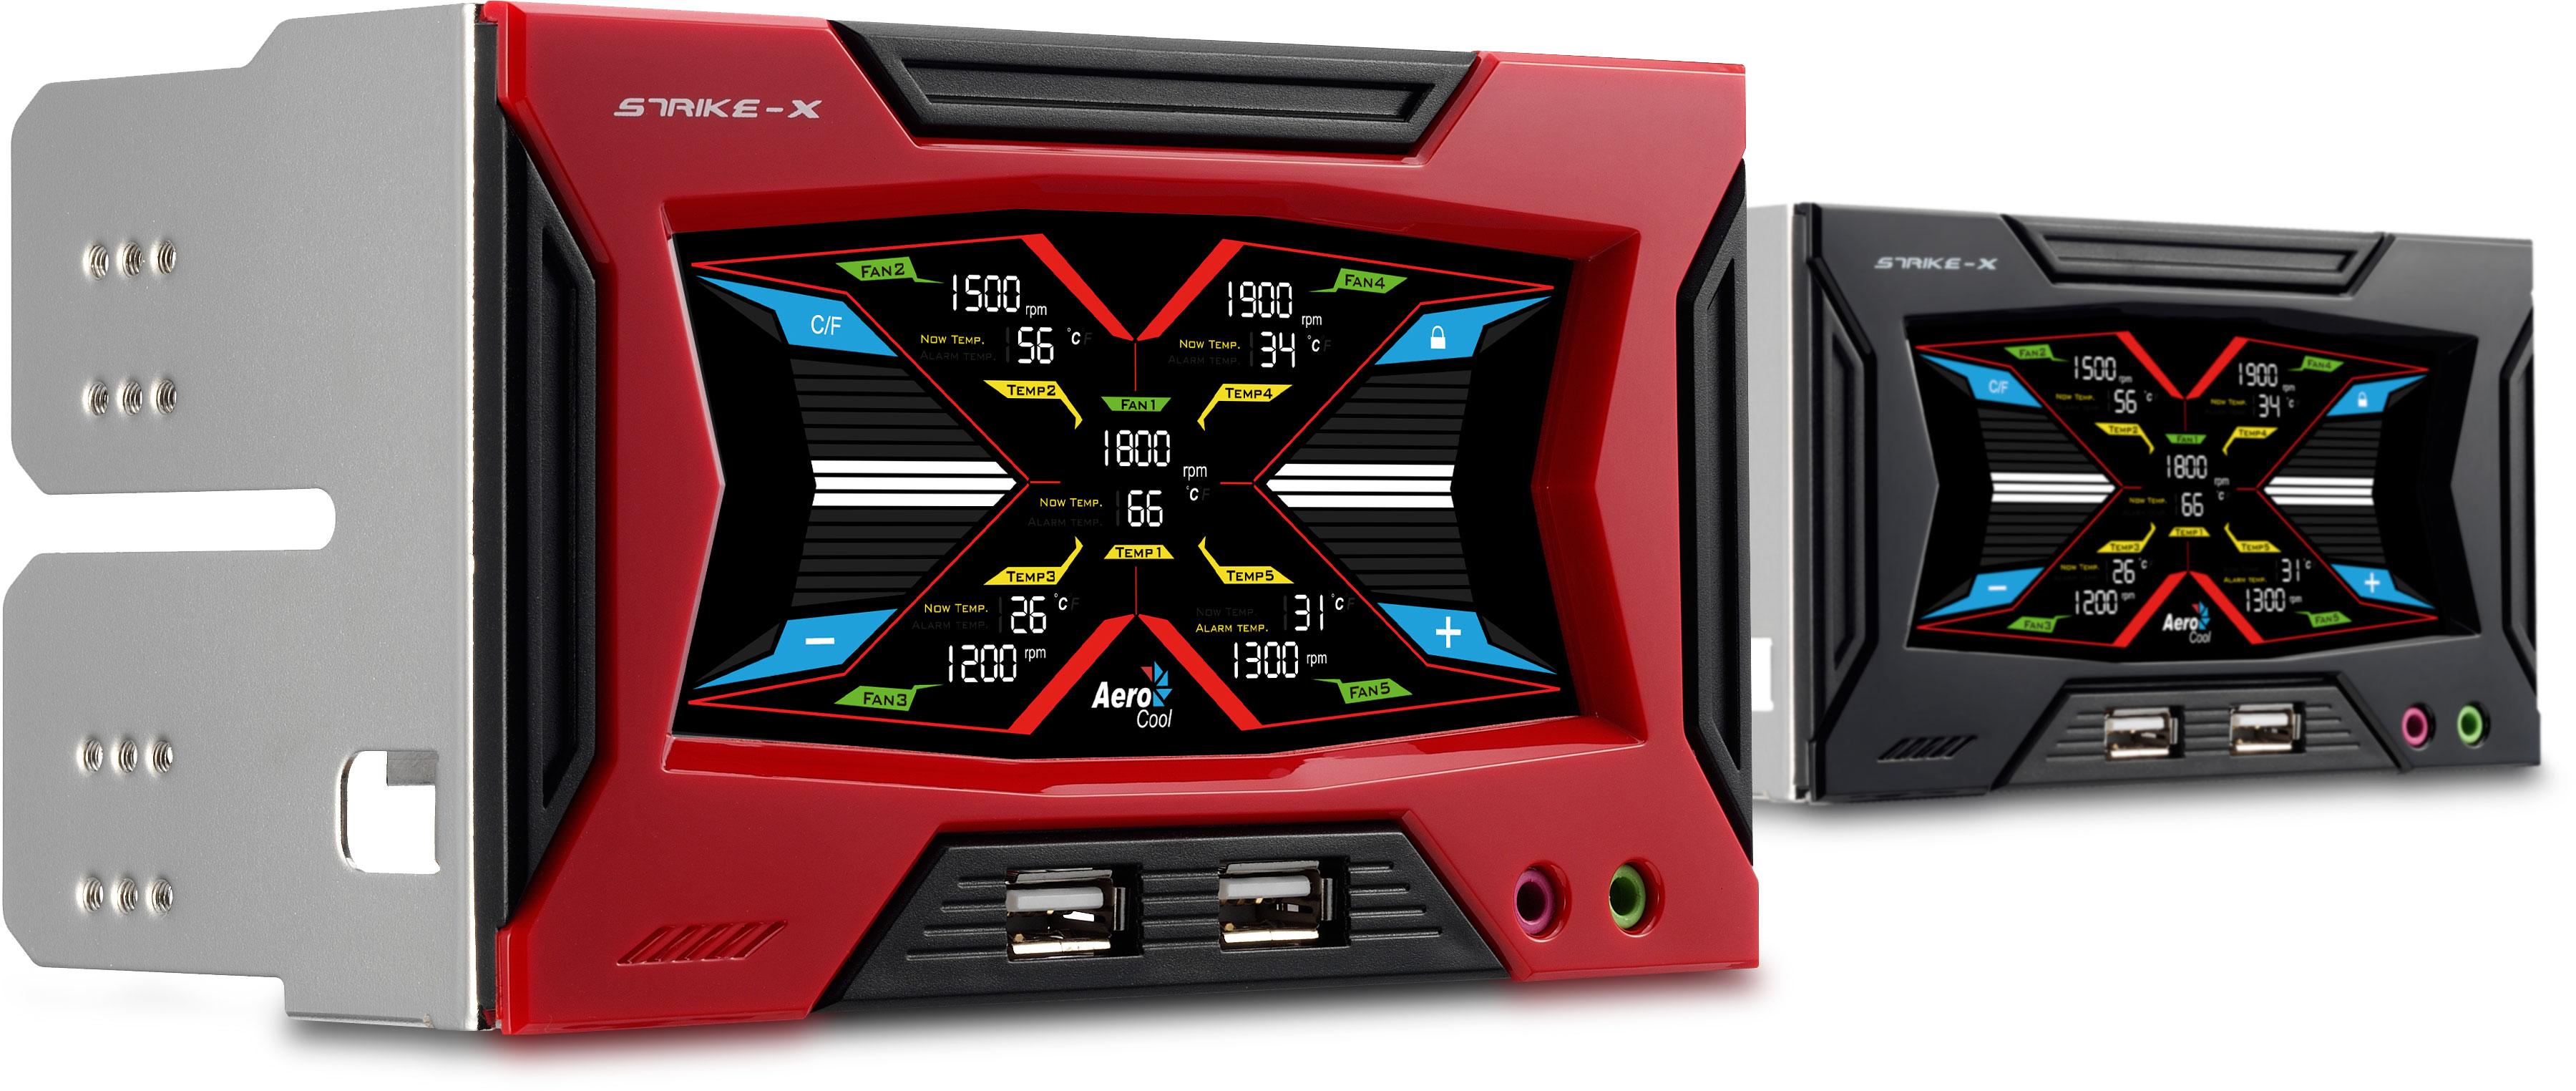 Strike X Panel Lcd Touch Screen Fan Controller